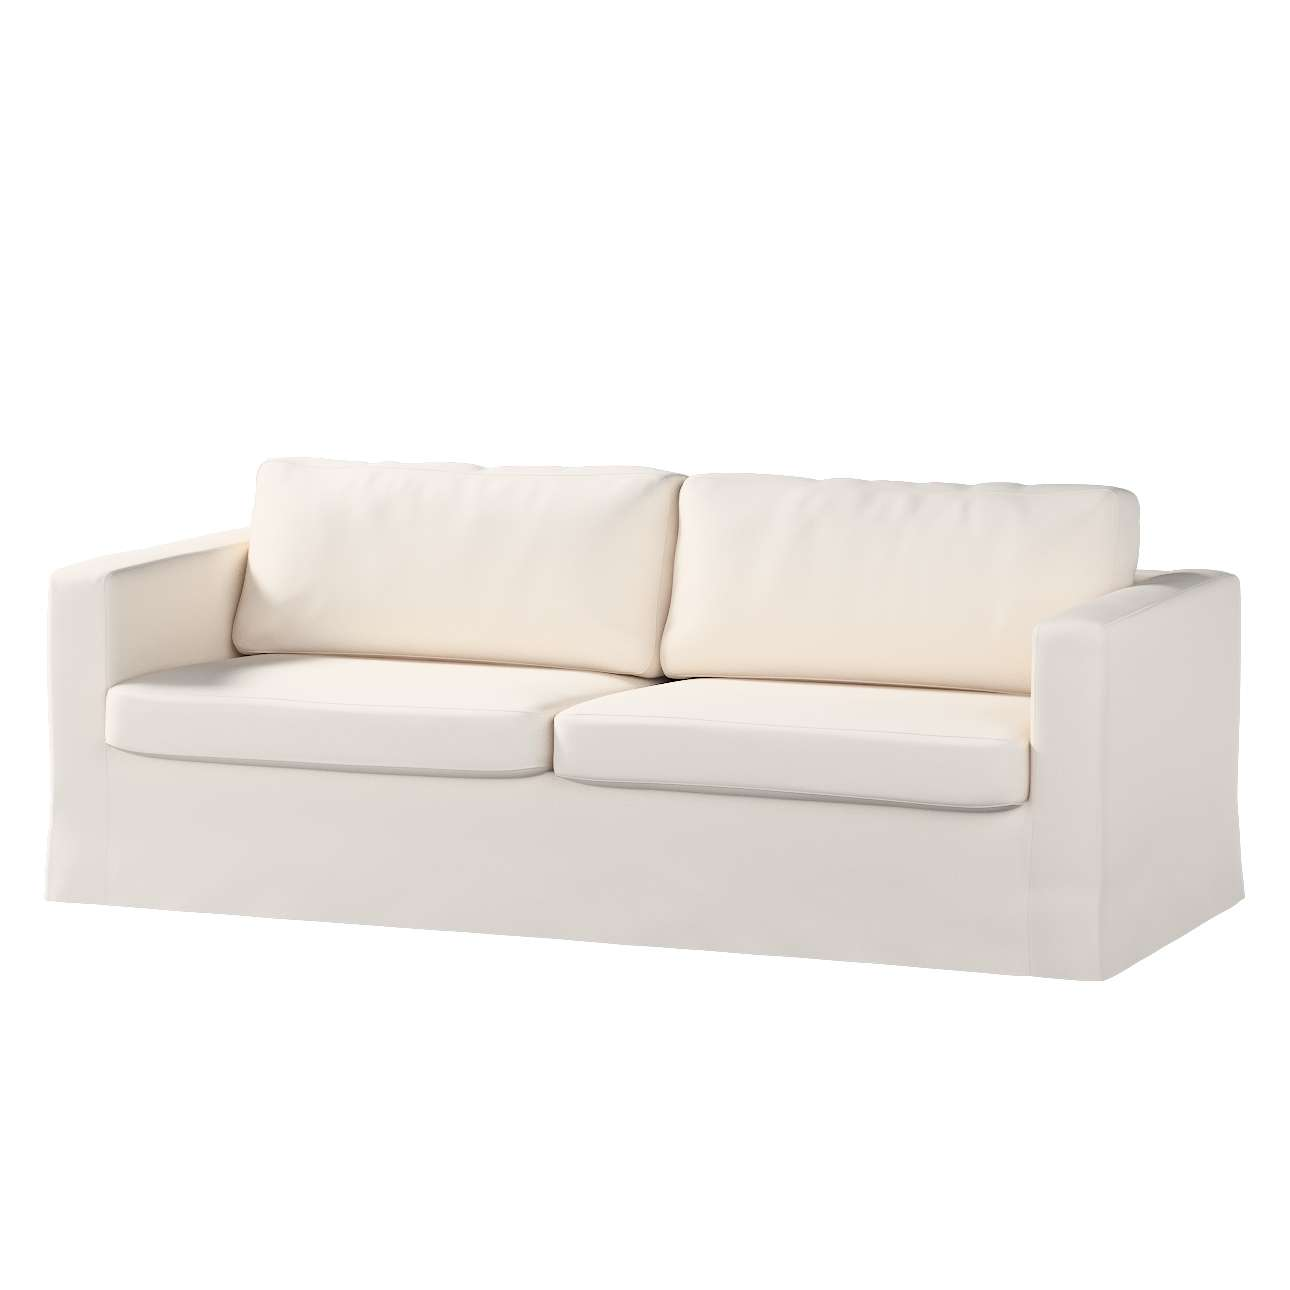 Pokrowiec na sofę Karlstad 3-osobową nierozkładaną, długi Sofa Karlstad 3-osobowa w kolekcji Etna , tkanina: 705-01